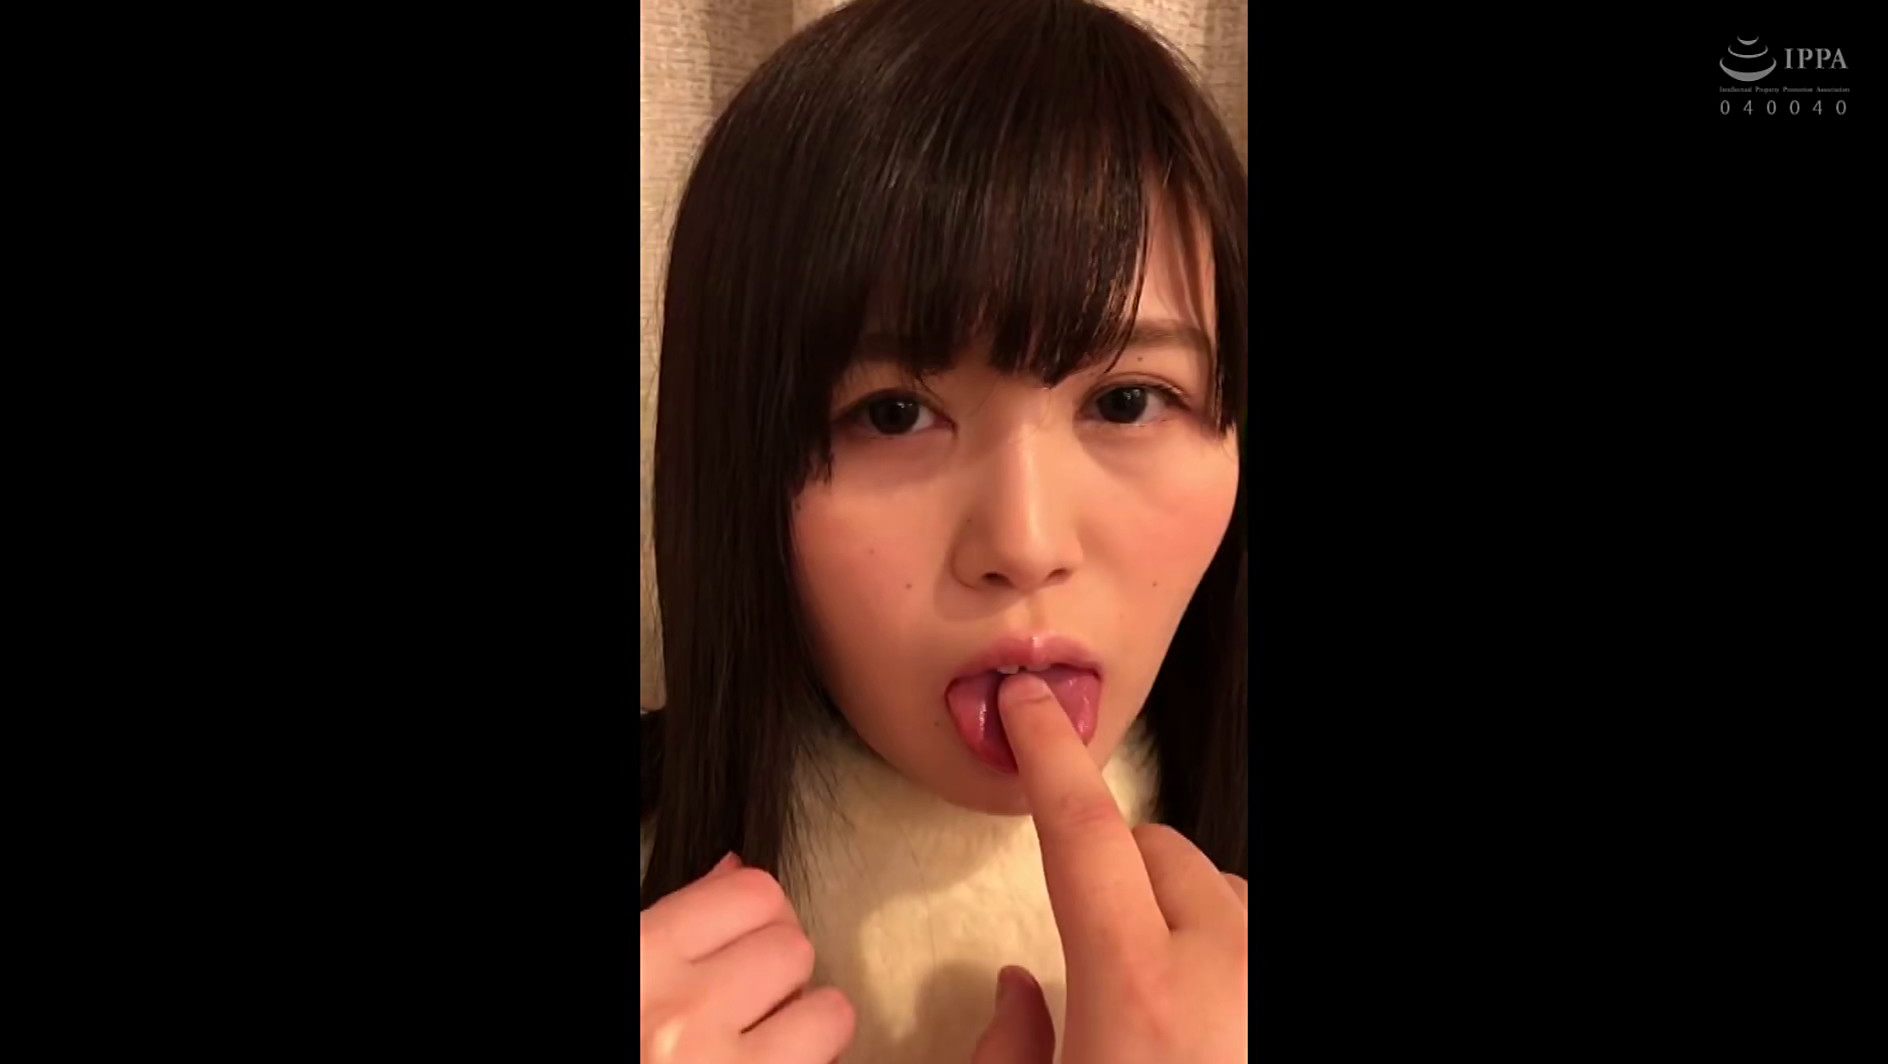 発掘☆デカ乳素人 4 画像3